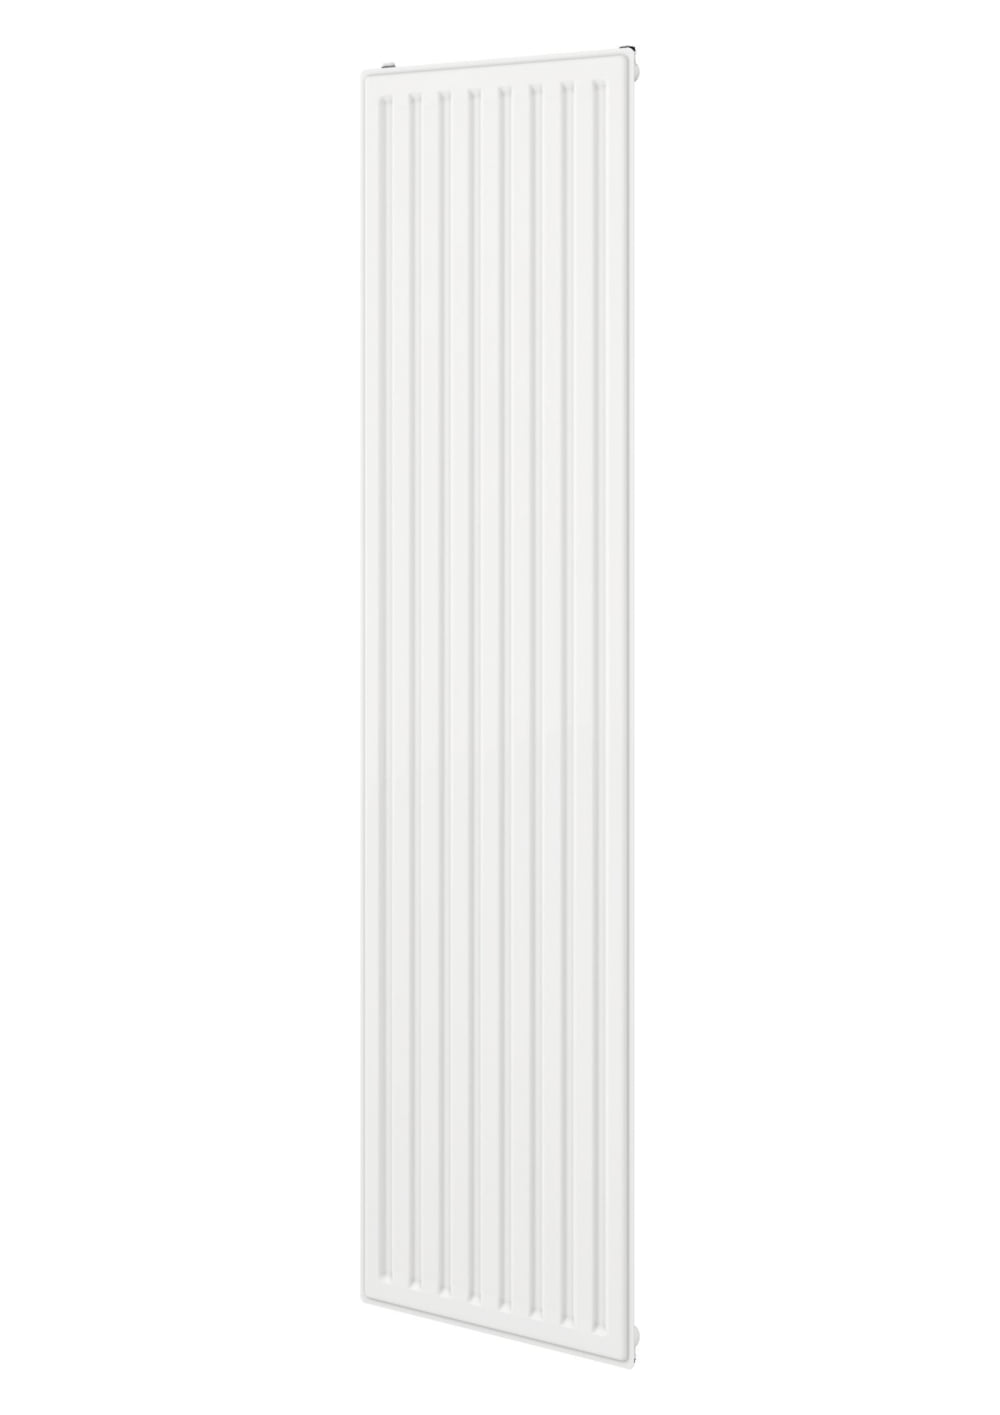 Heizkörper COSMO Vertikal-Heizkörper Profil